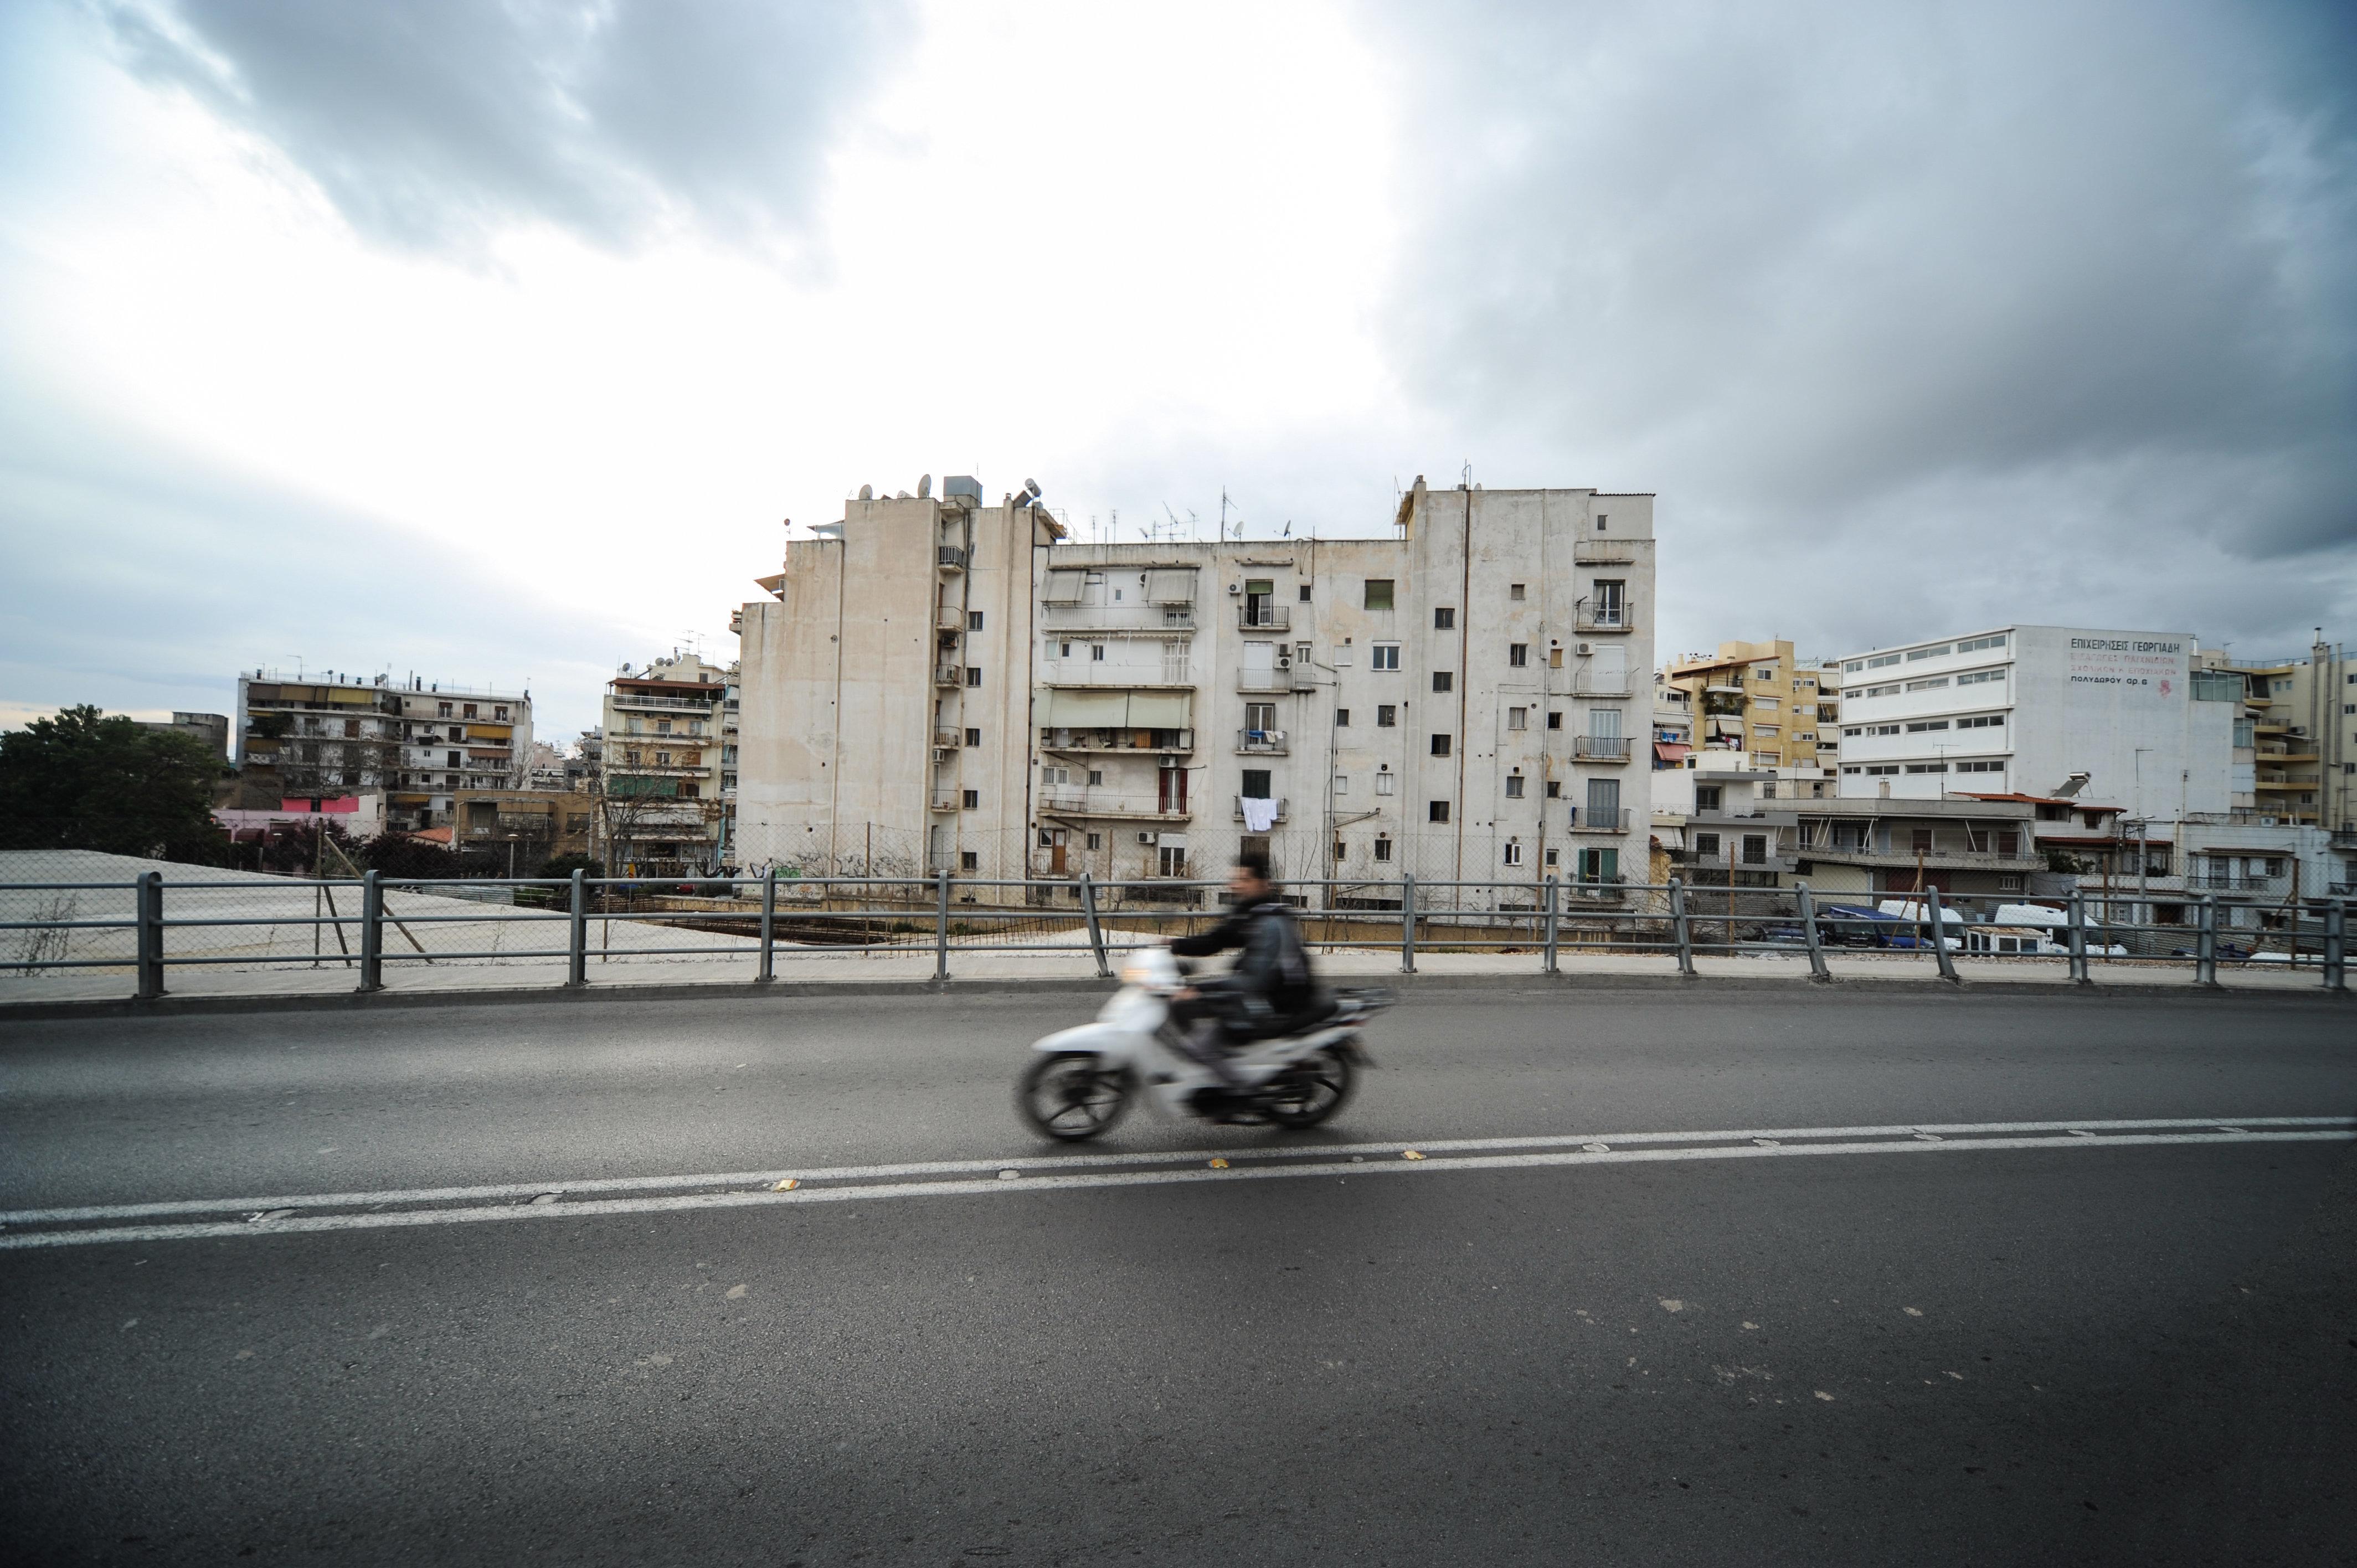 Μοτοσικλετιστής έχασε τη ζωή του στη Θεσσαλονίκη πιθανότατα μετά από πτώση